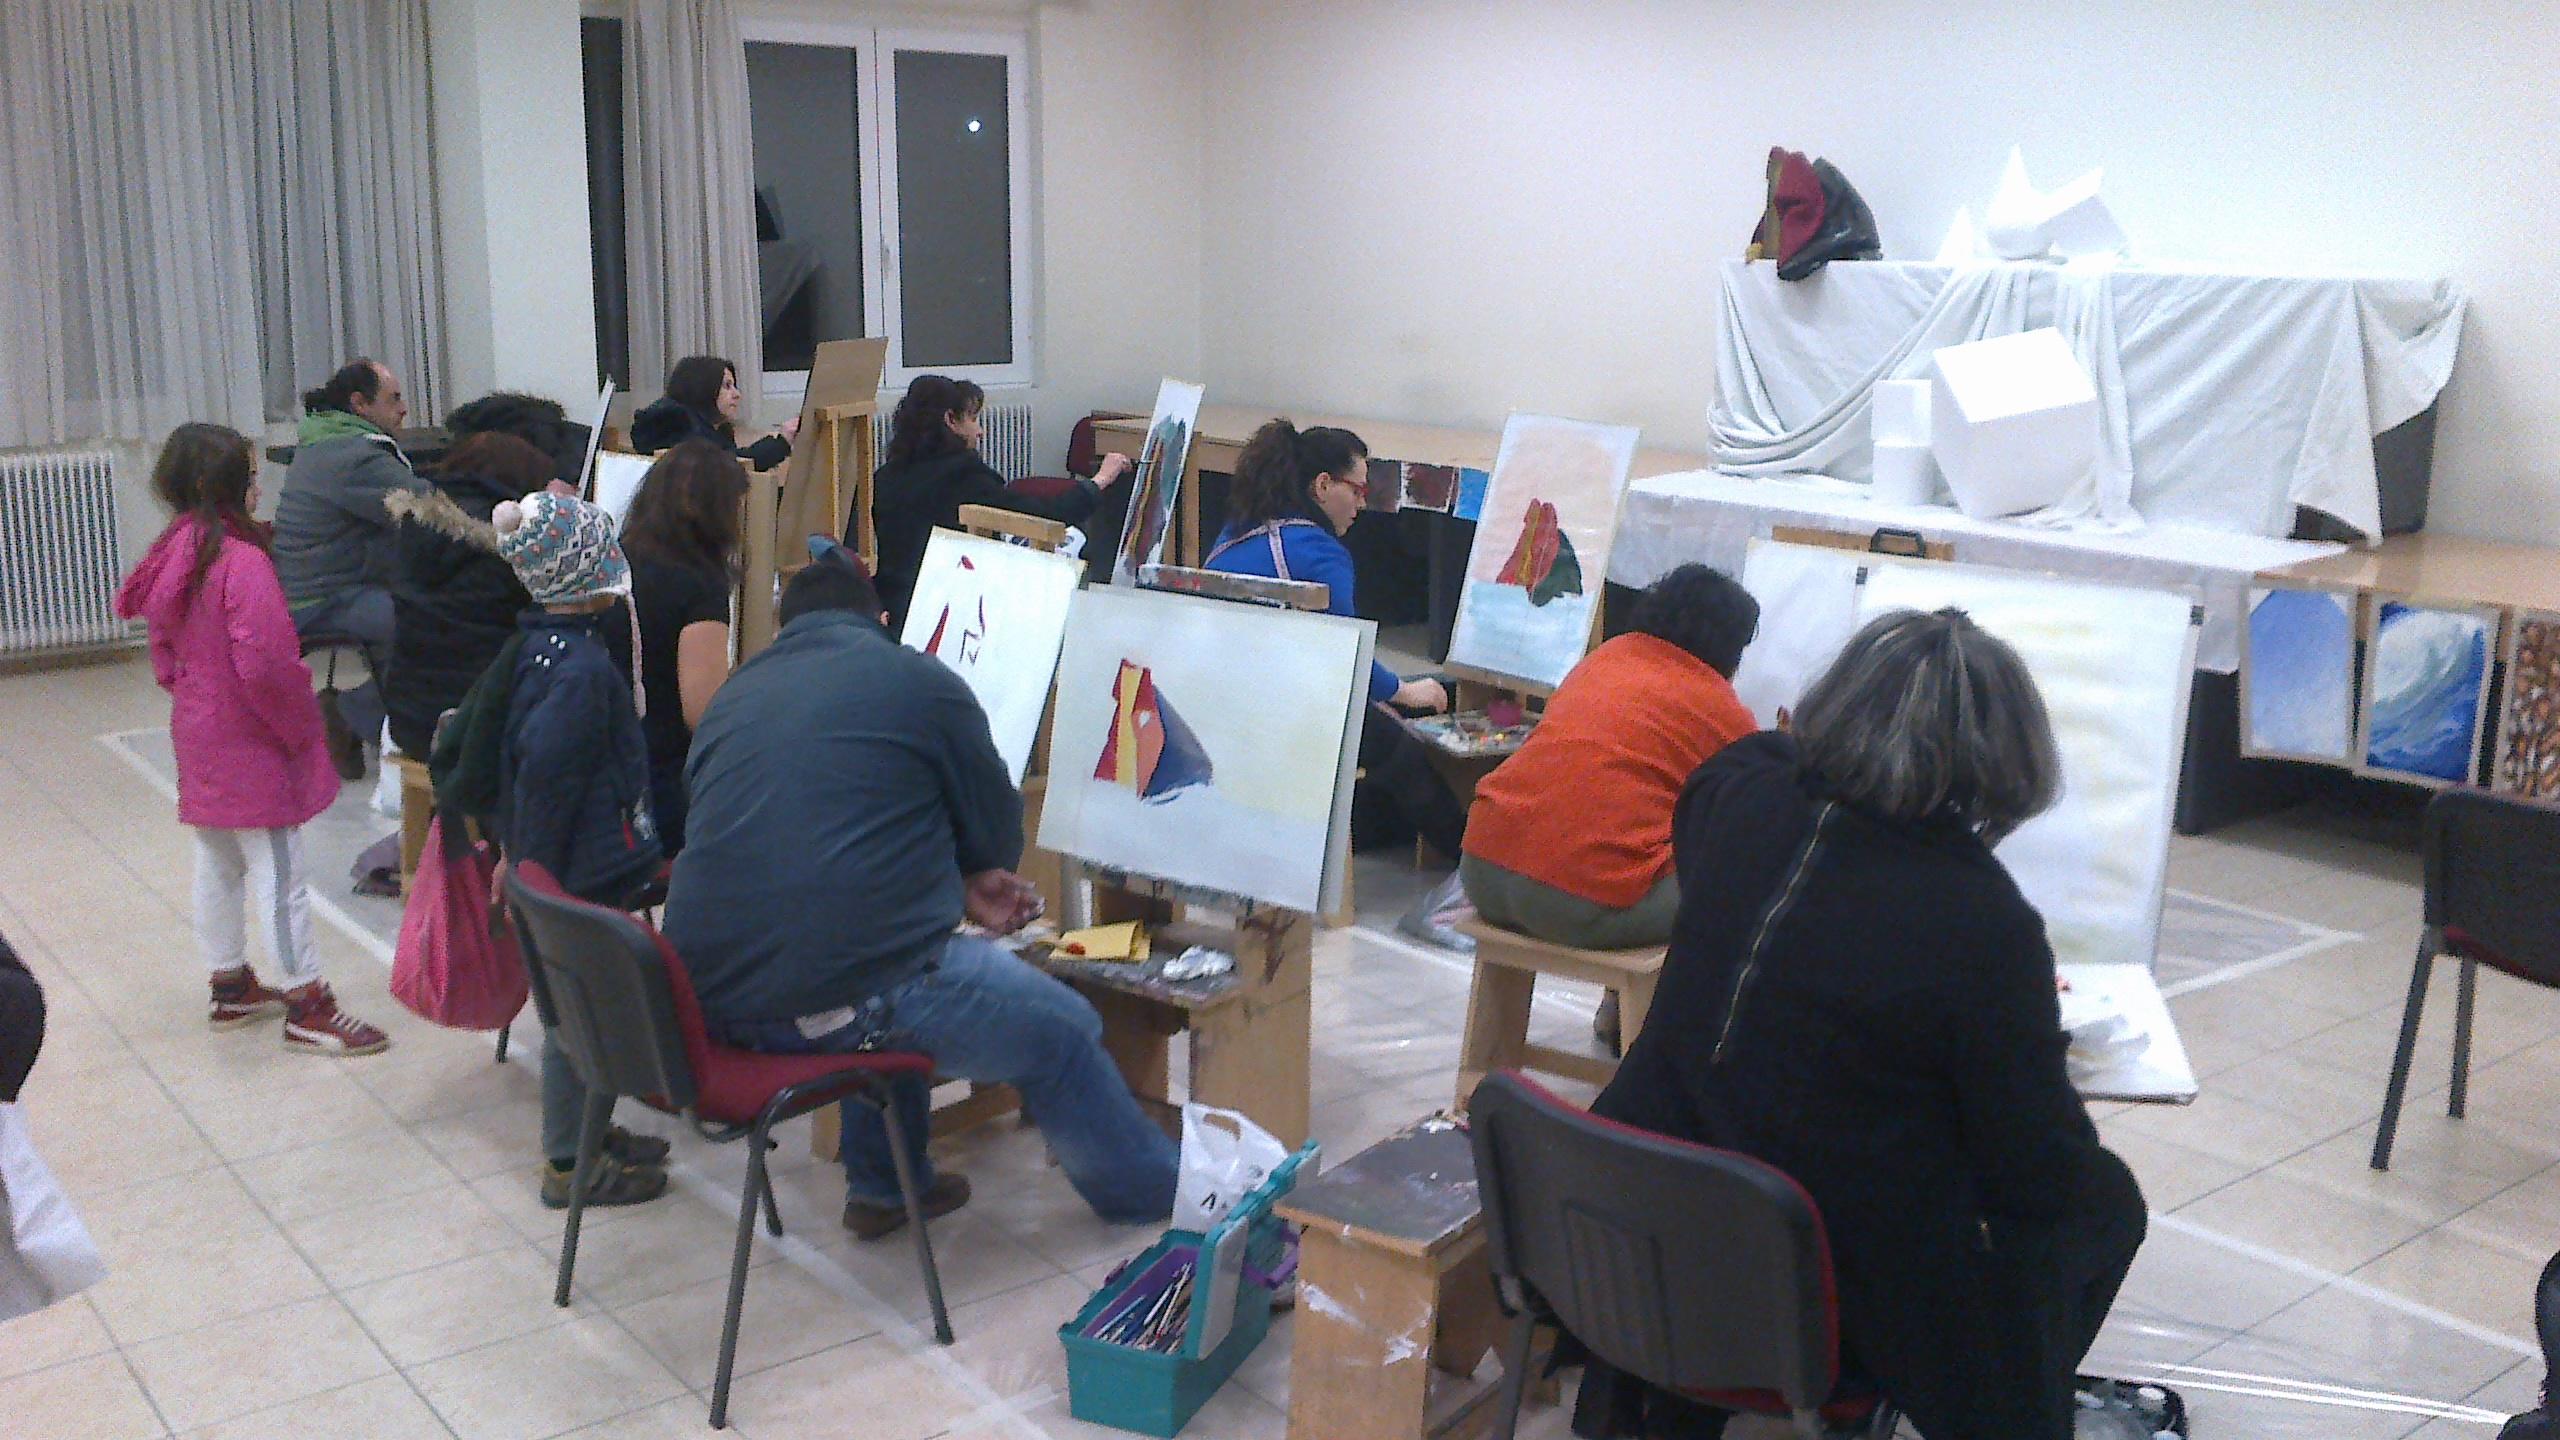 Προκήρυξη Εισαγωγής φοιτητών με σοβαρές παθήσεις στη Σχολή Καλών Τεχνών Φλώρινας